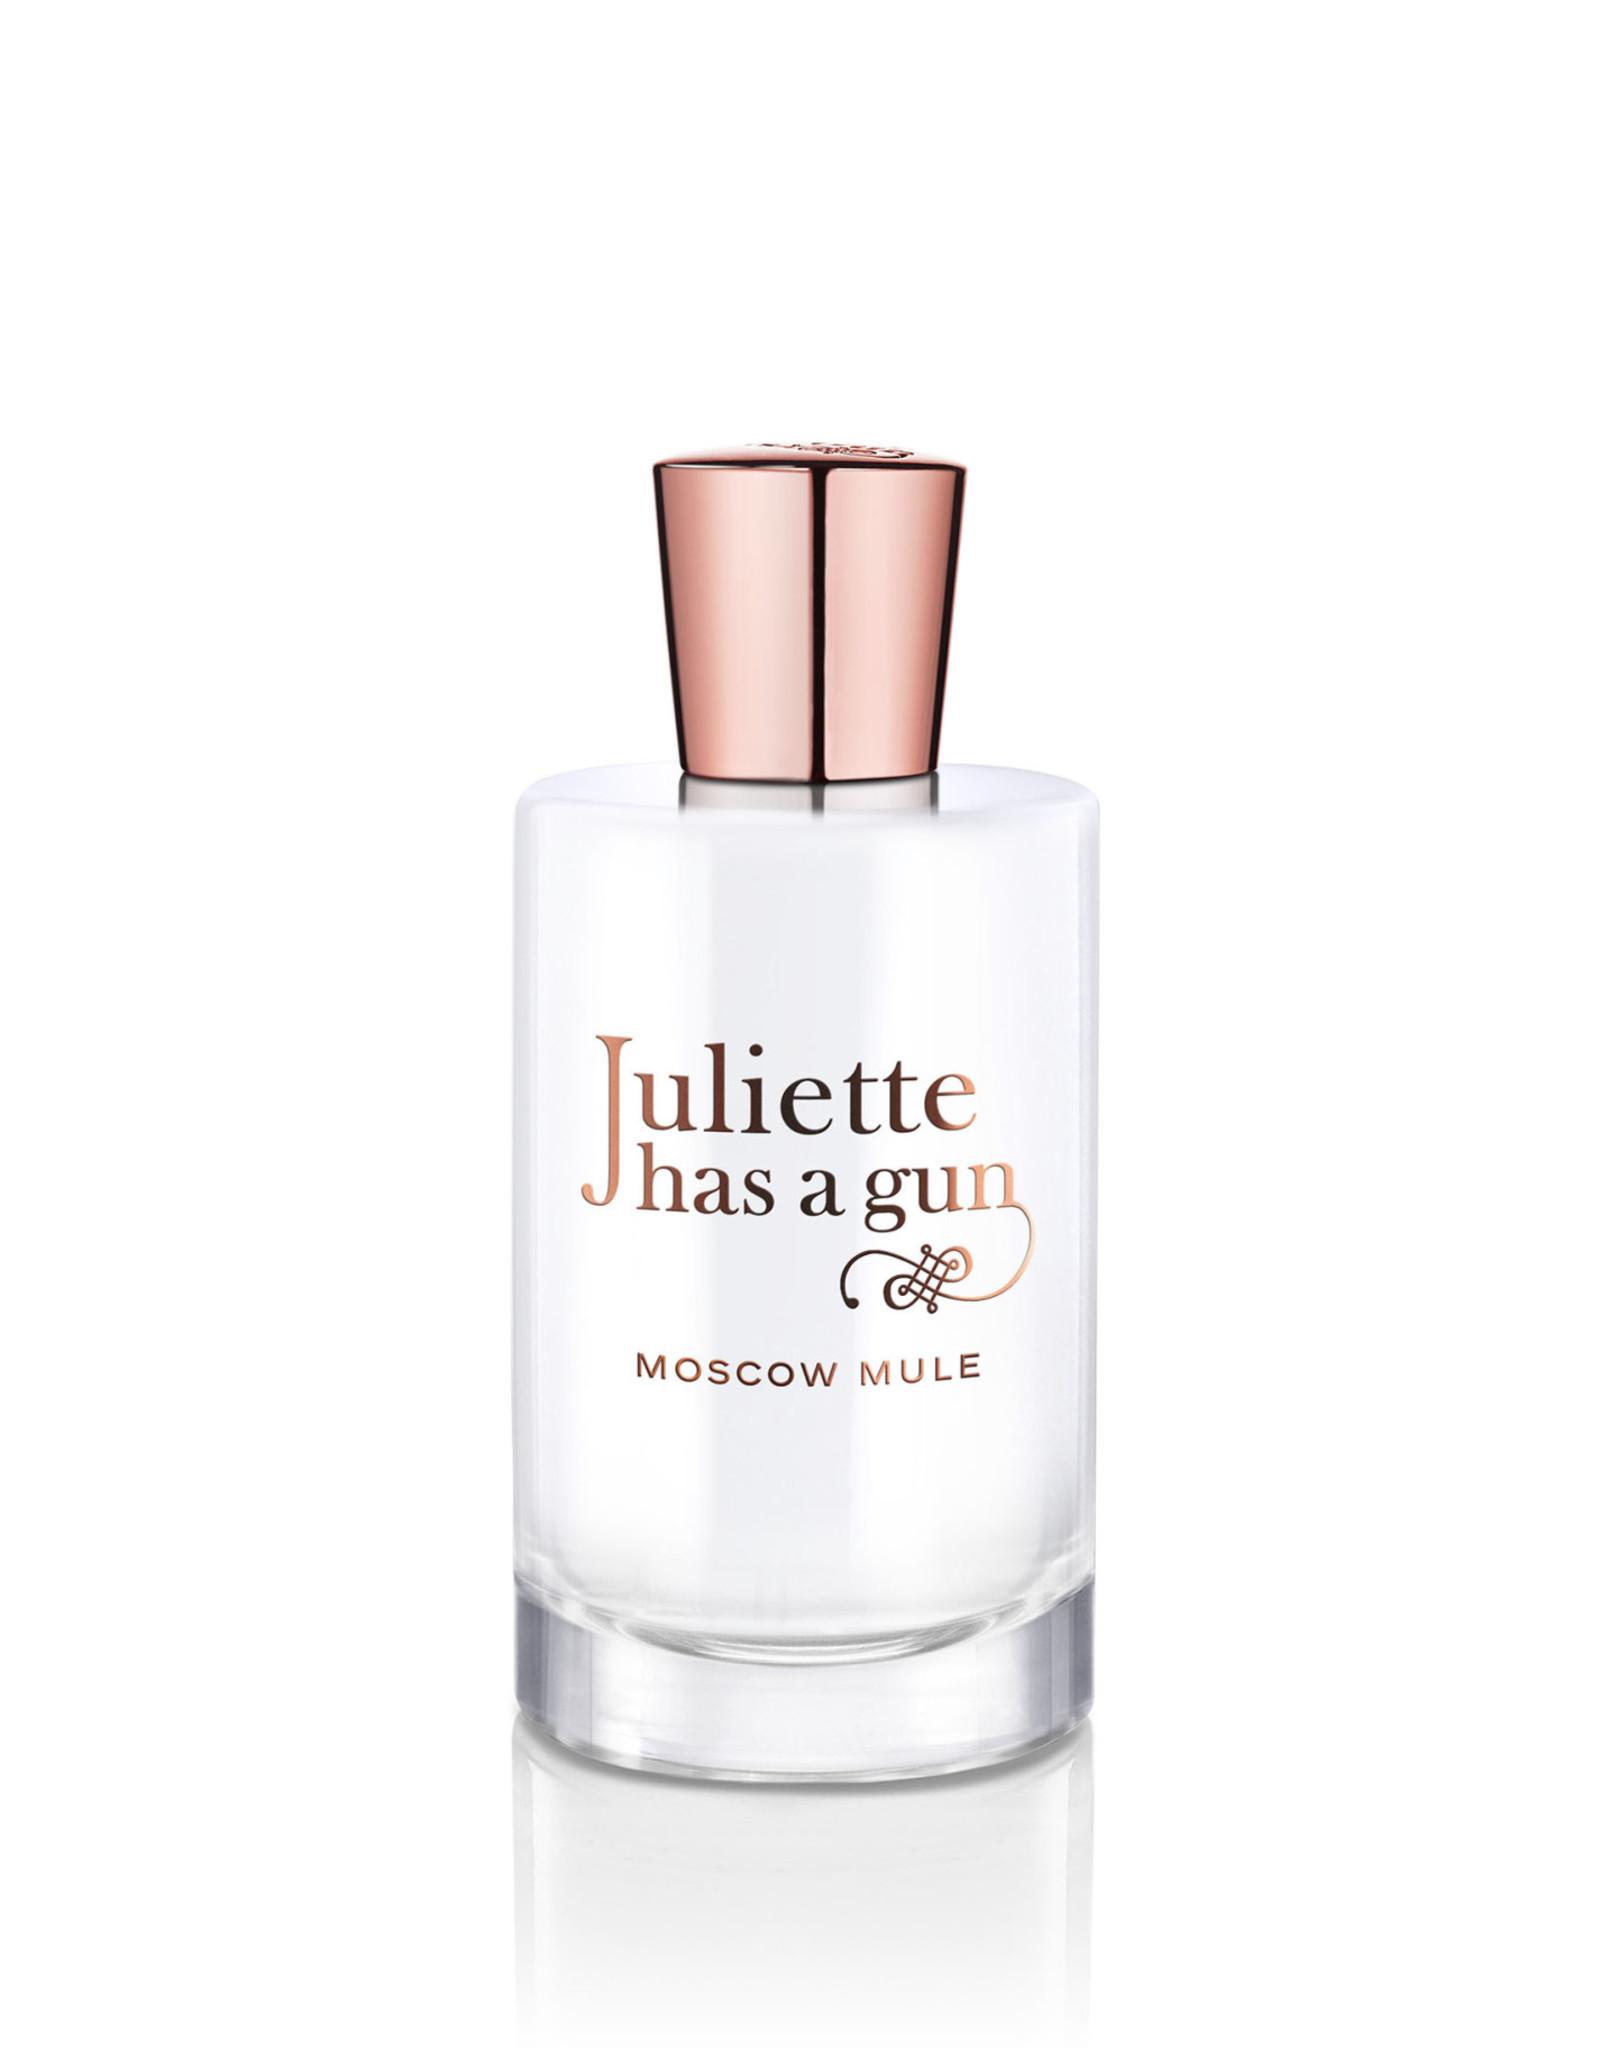 Juliette has a gun Juliette has a gun - Moscow Mule 50ml